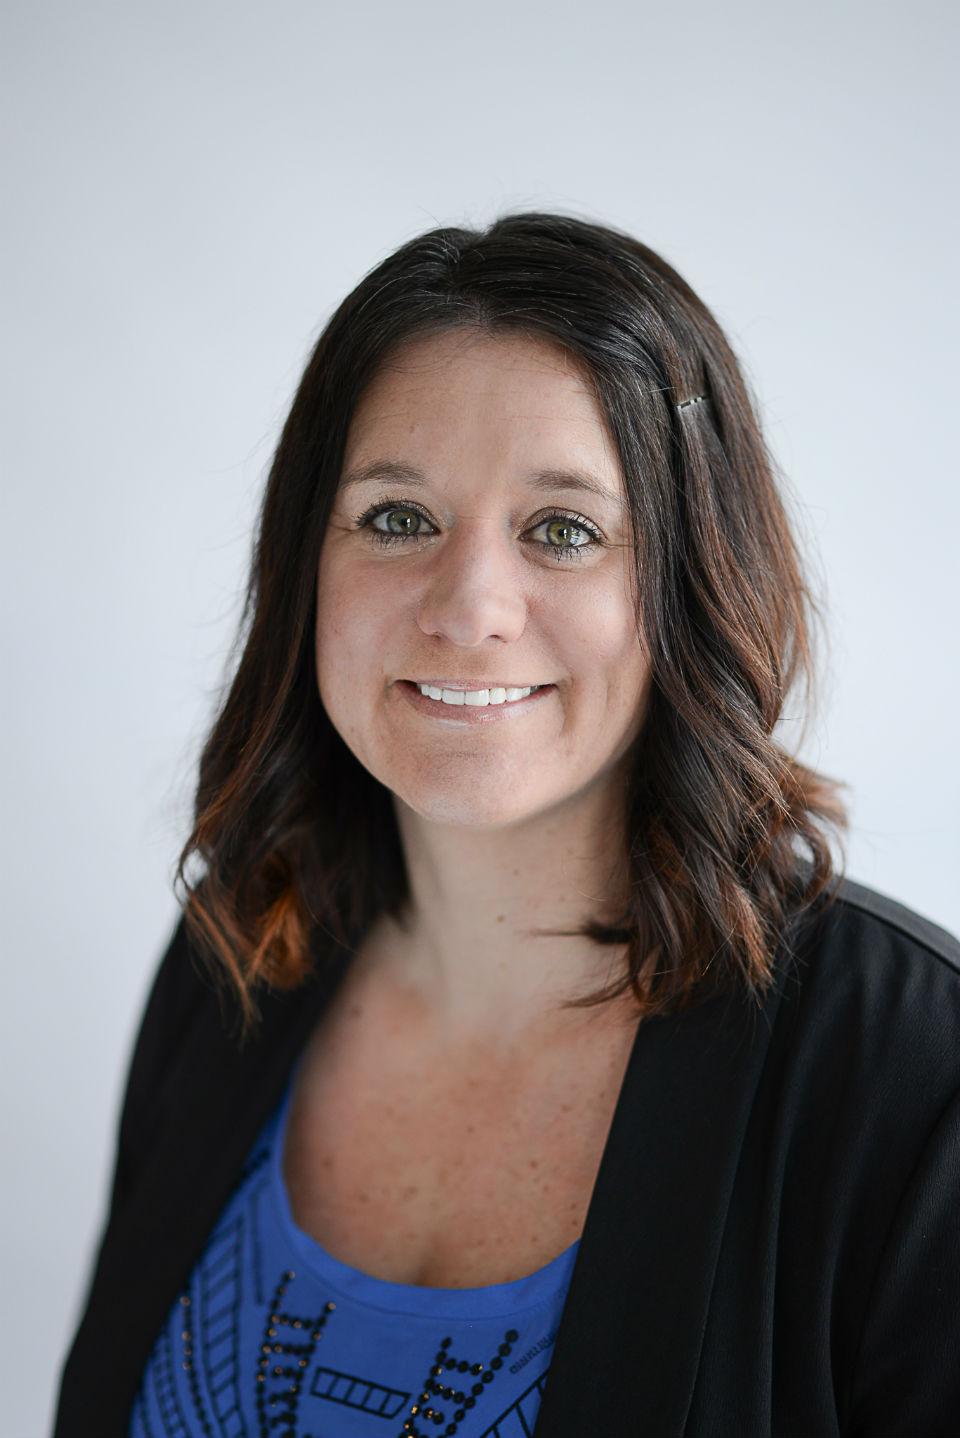 Stacy Maliszewski